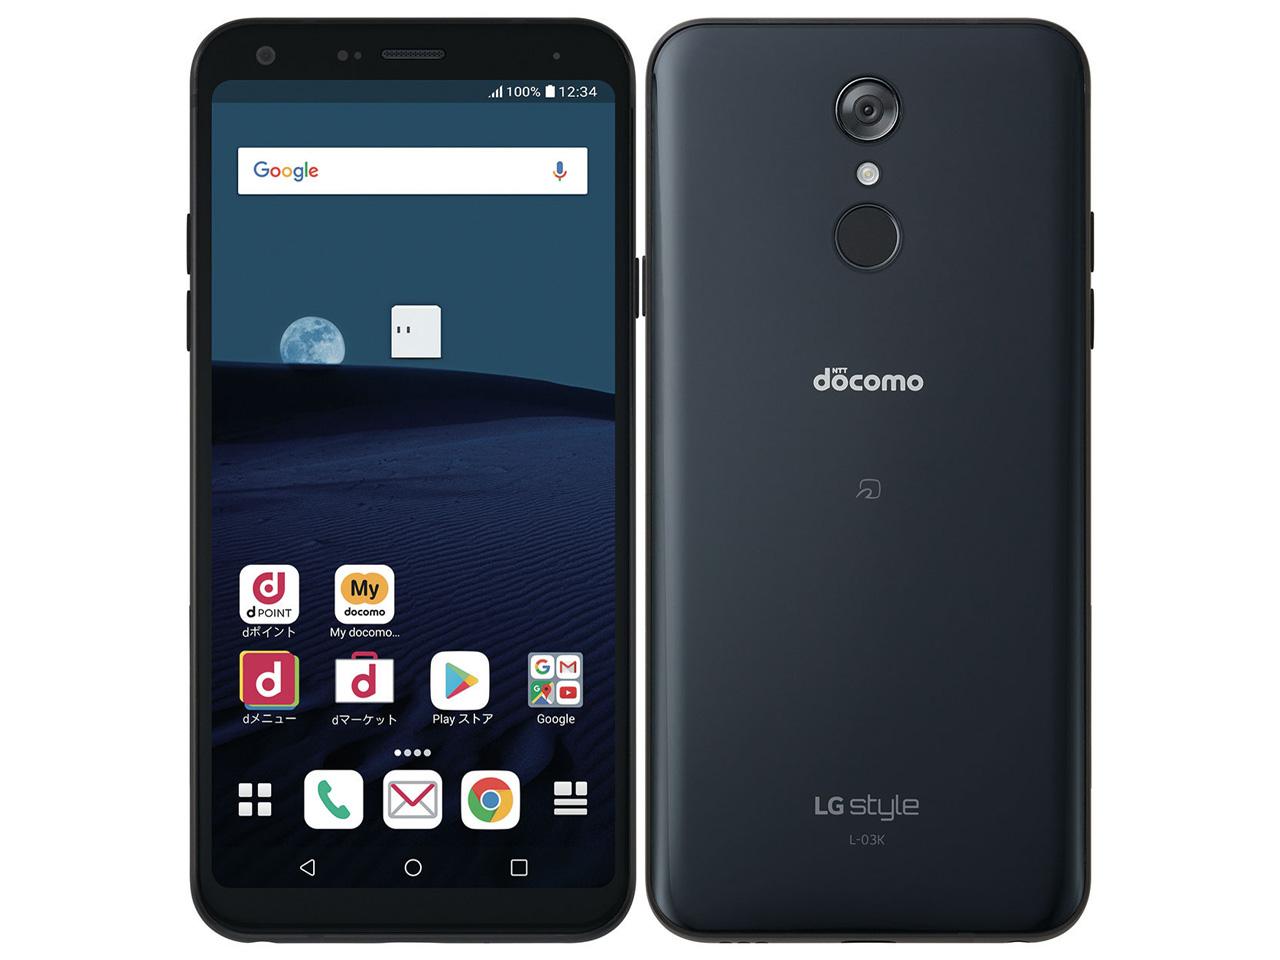 【新品・白ロム・本体】SIMロック解除済docomo LG style L-03K [Black] スマートフォン 携帯電話 l-03k L-03K l-03k ブラック